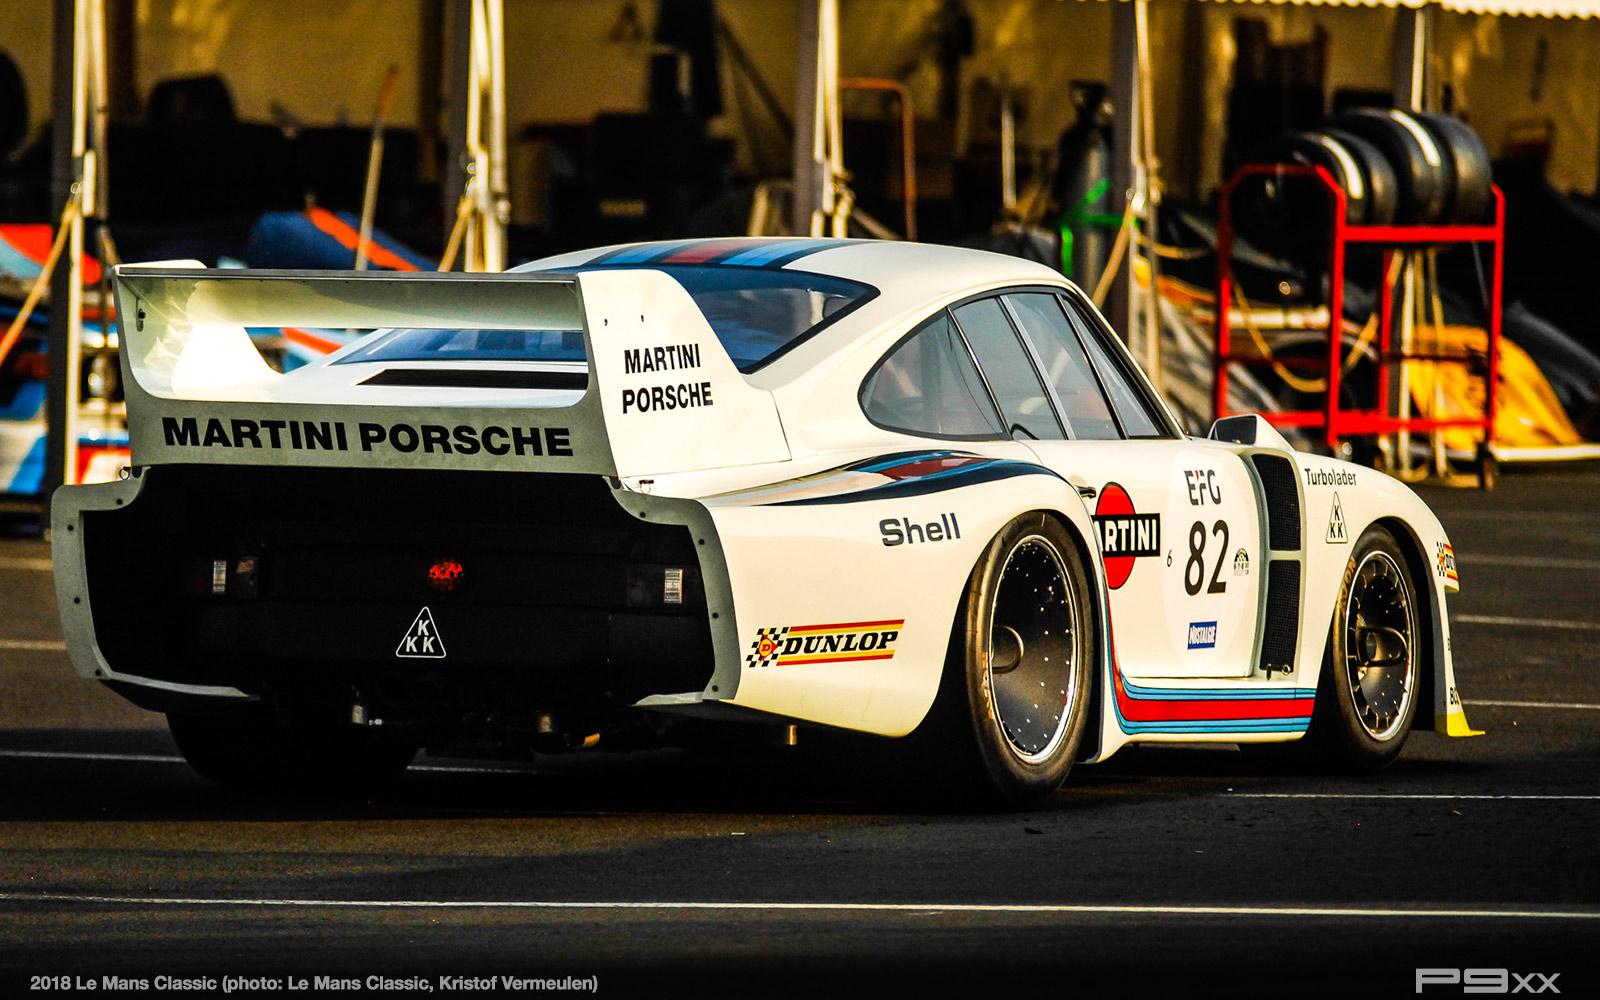 2018-Le-Mans-Classic-Porsche-330